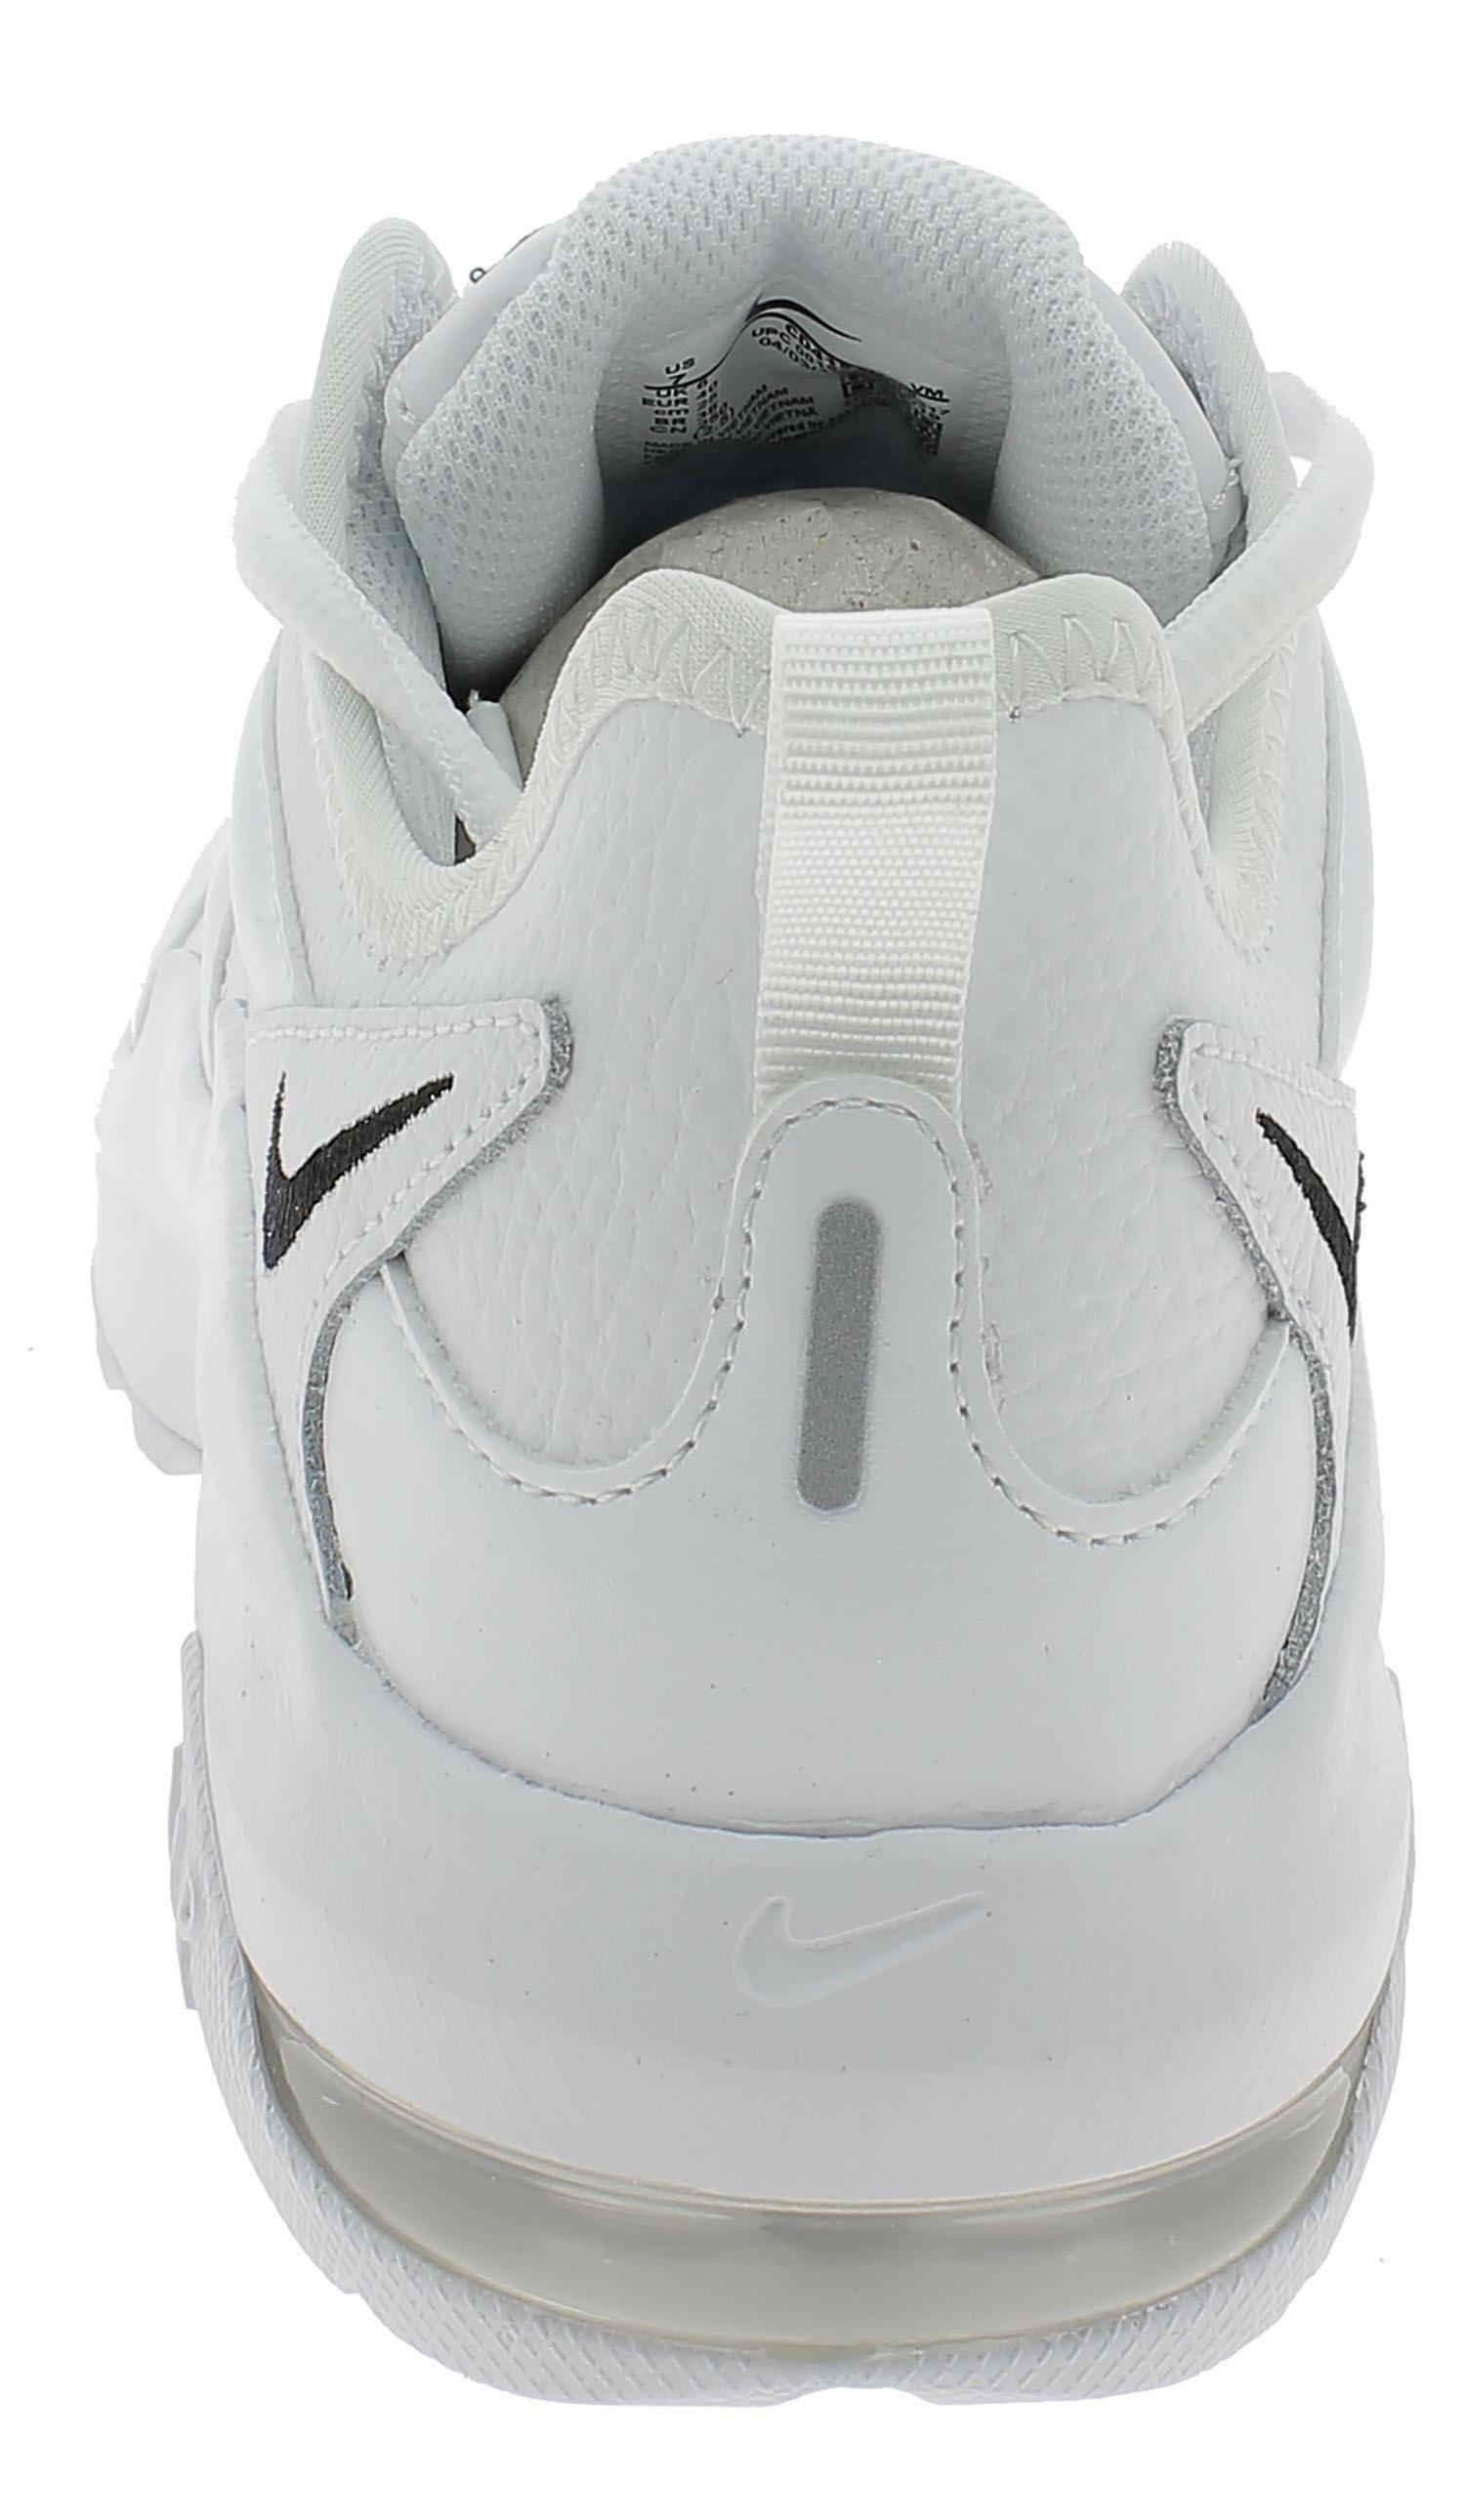 Nike air max graviton scarpe sportive uomo bianche cd4151100